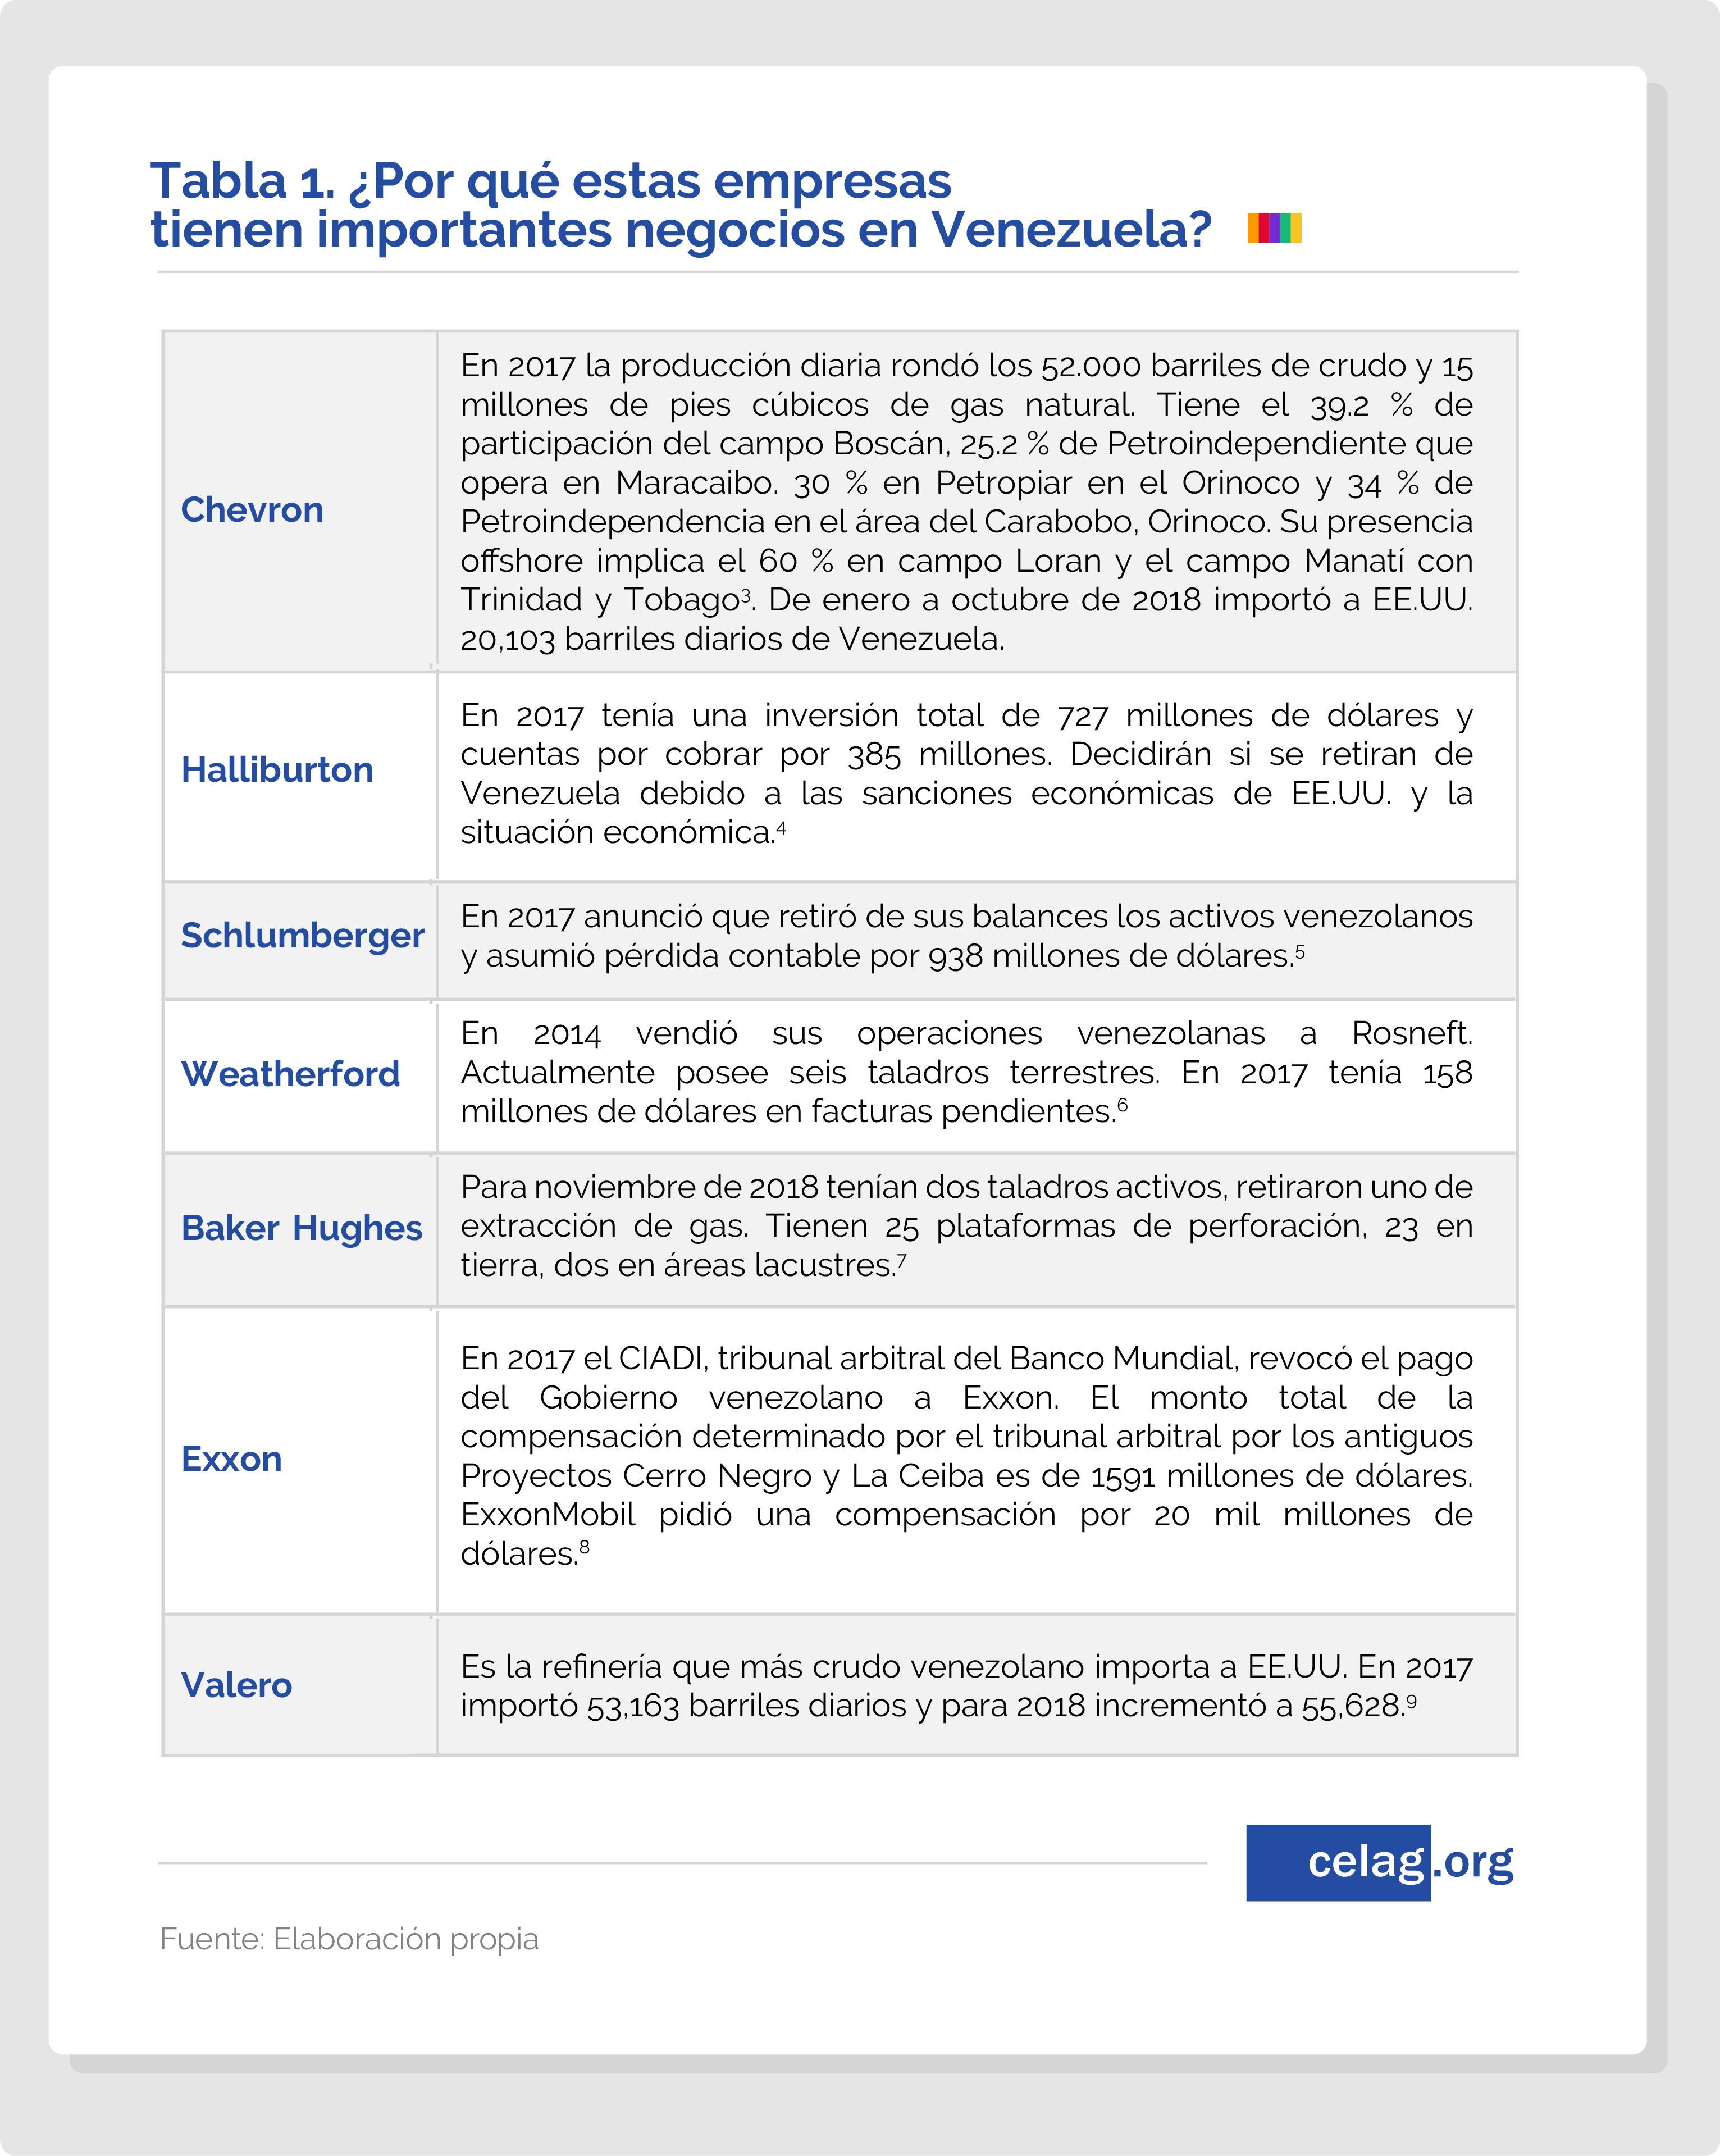 Maduro: Si algo me pasa, ¡retomen el poder y hagan una revolución más radical! - Página 8 Por-que-estas-empresas-tienen-importantes-negocioes-en-venezuela-04